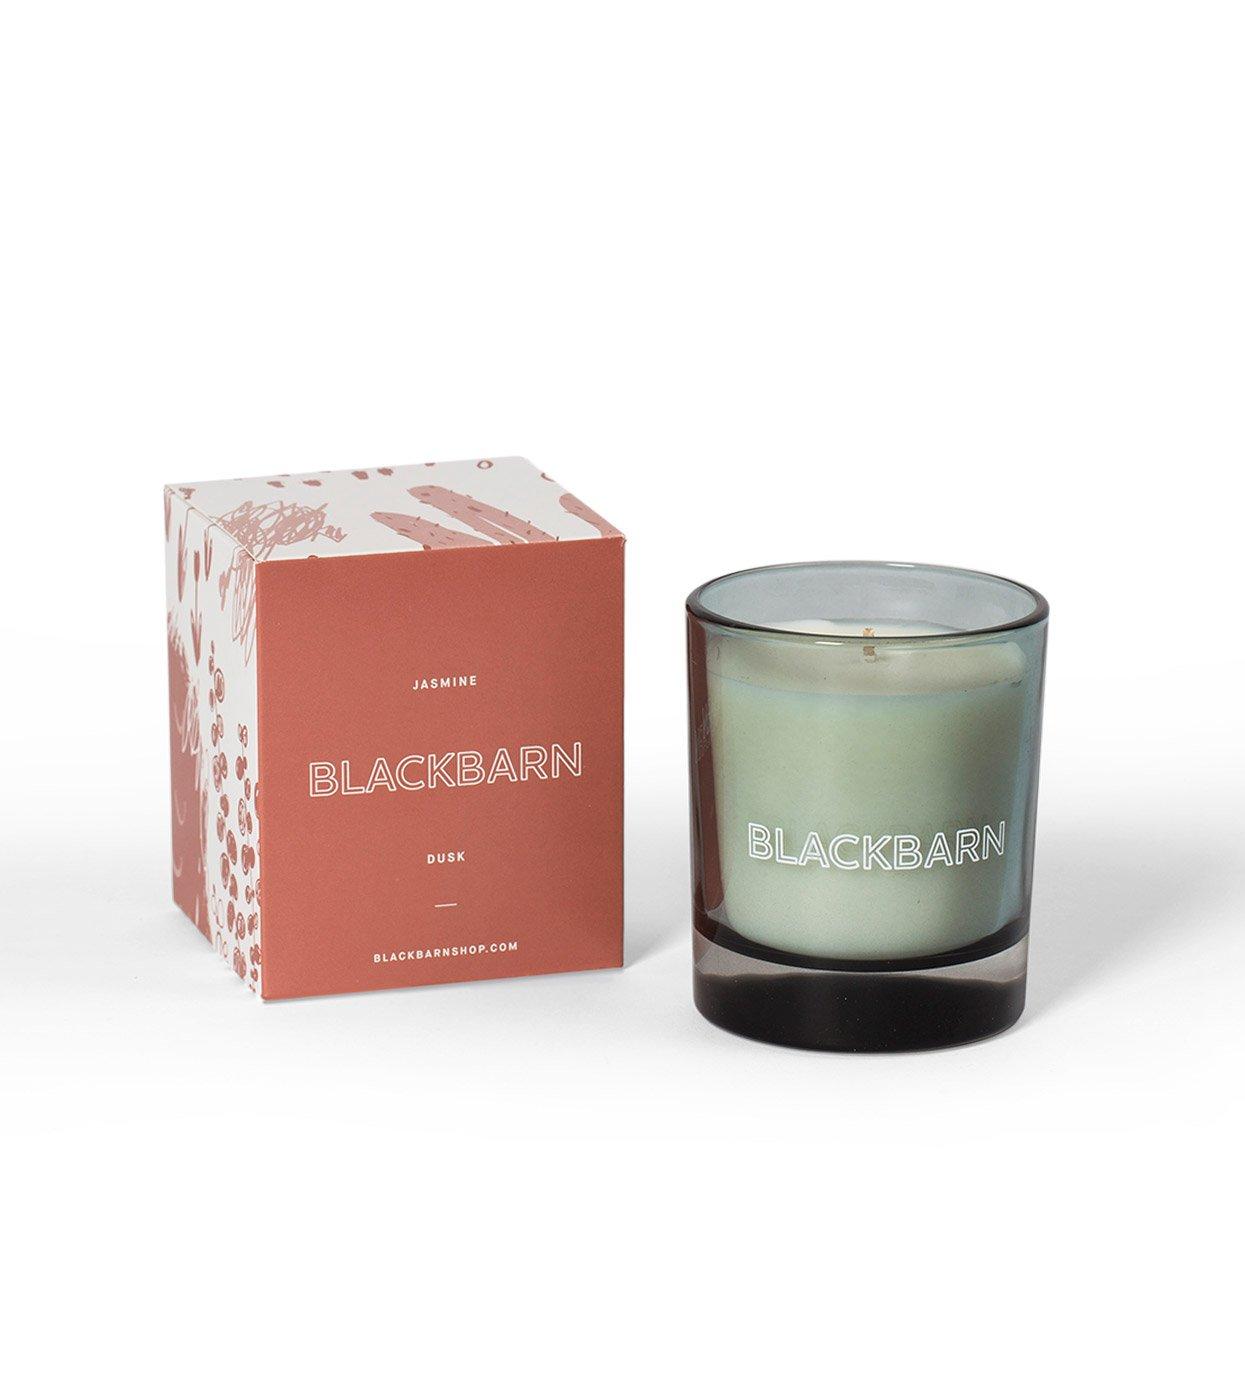 BLACKBARN Candle in Jasmine Dusk